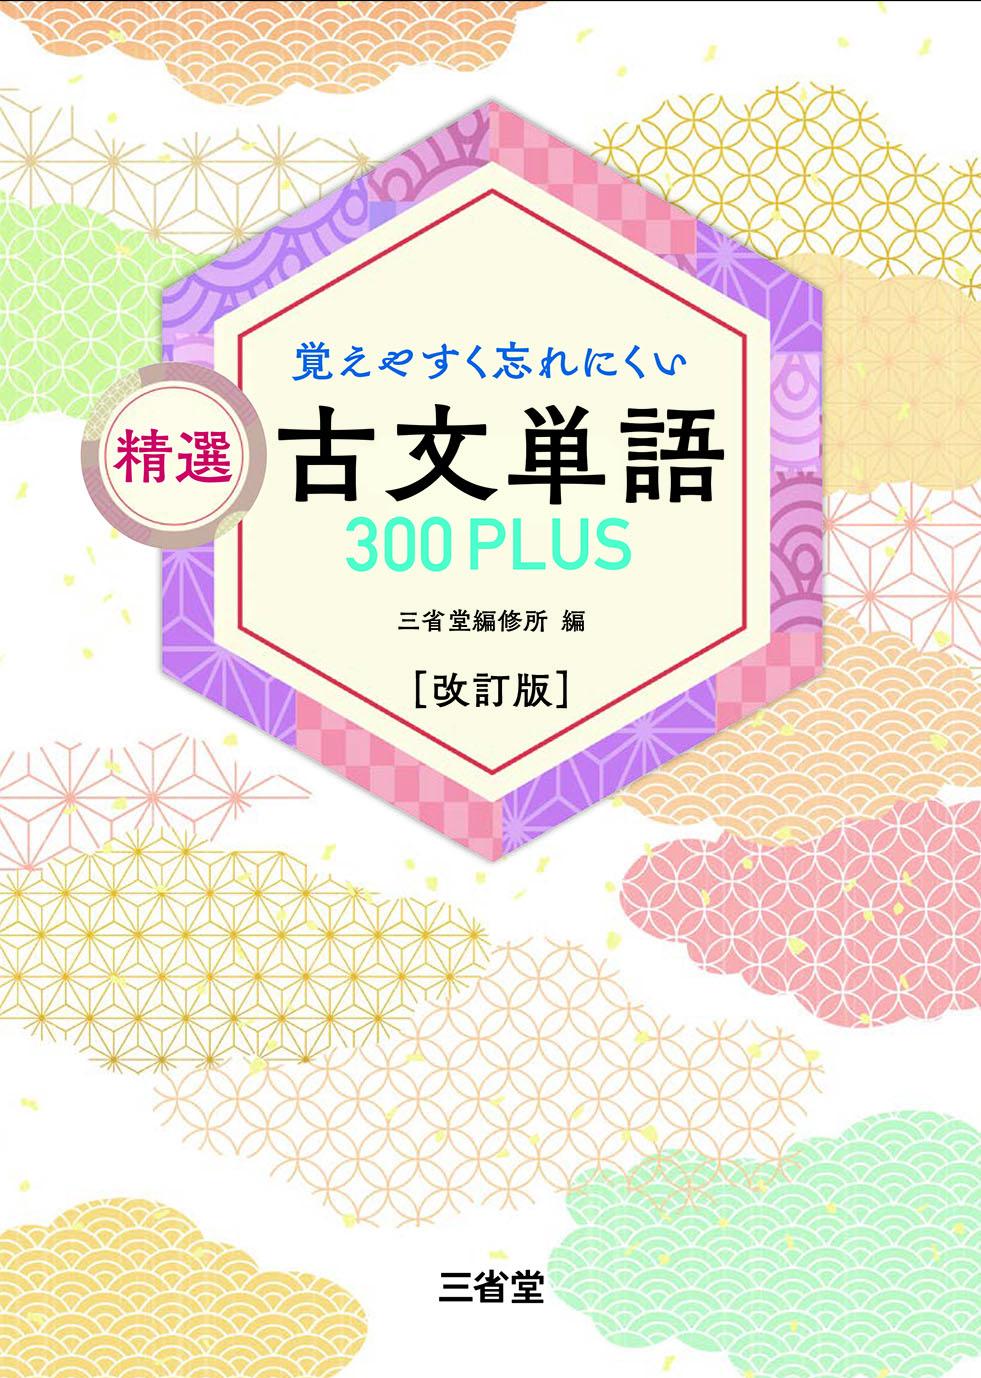 精選 古文単語300PLUS 改訂版【改訂新刊 12月刊行予定】